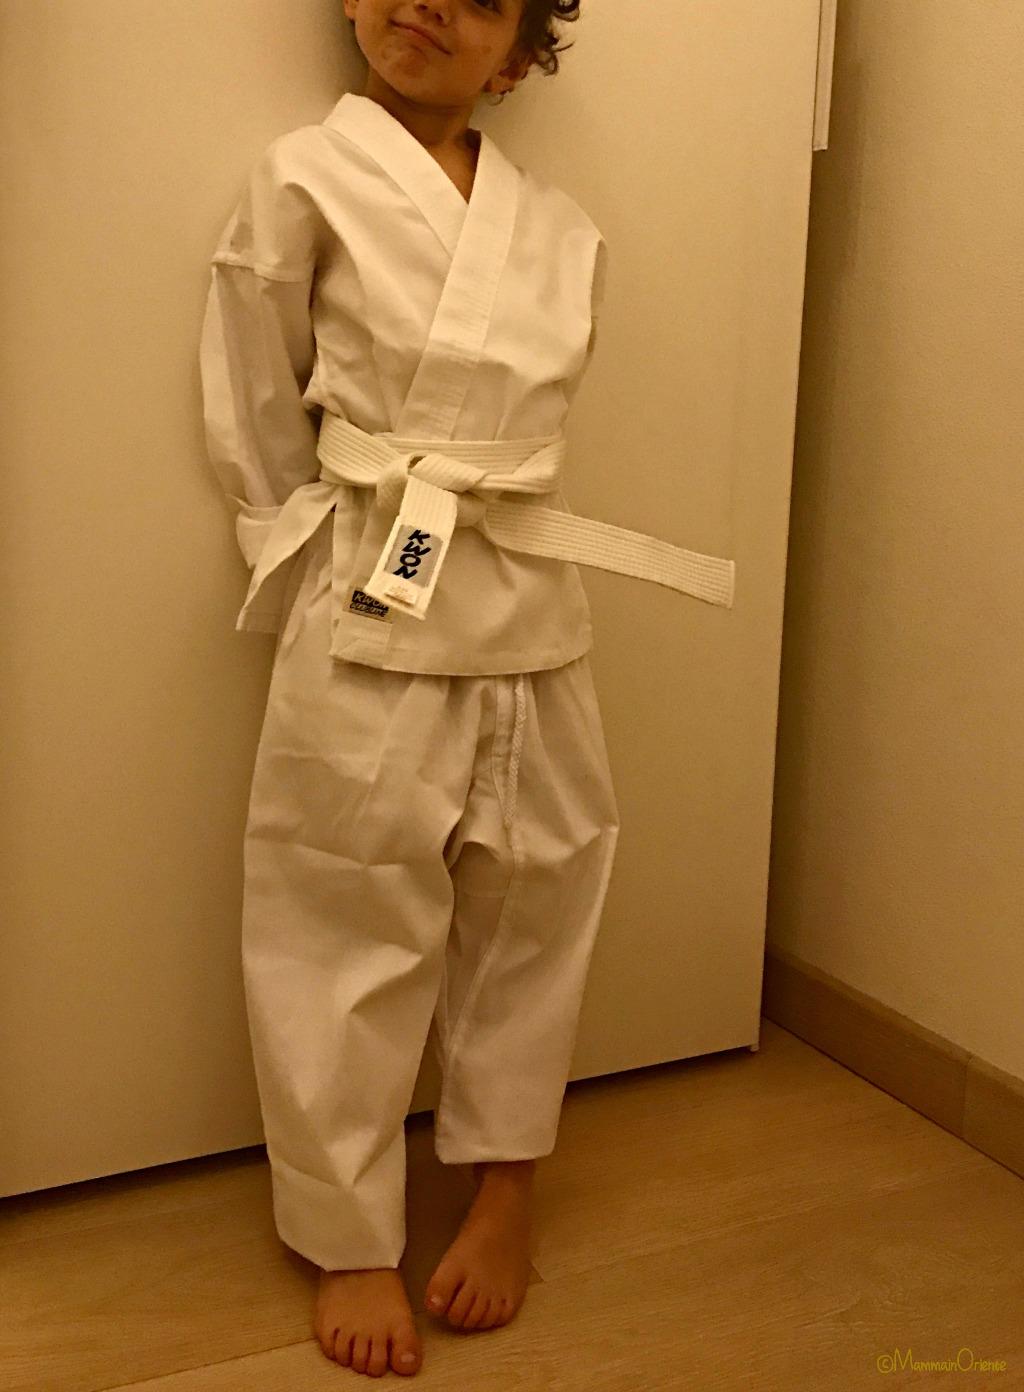 Prova kimono karate